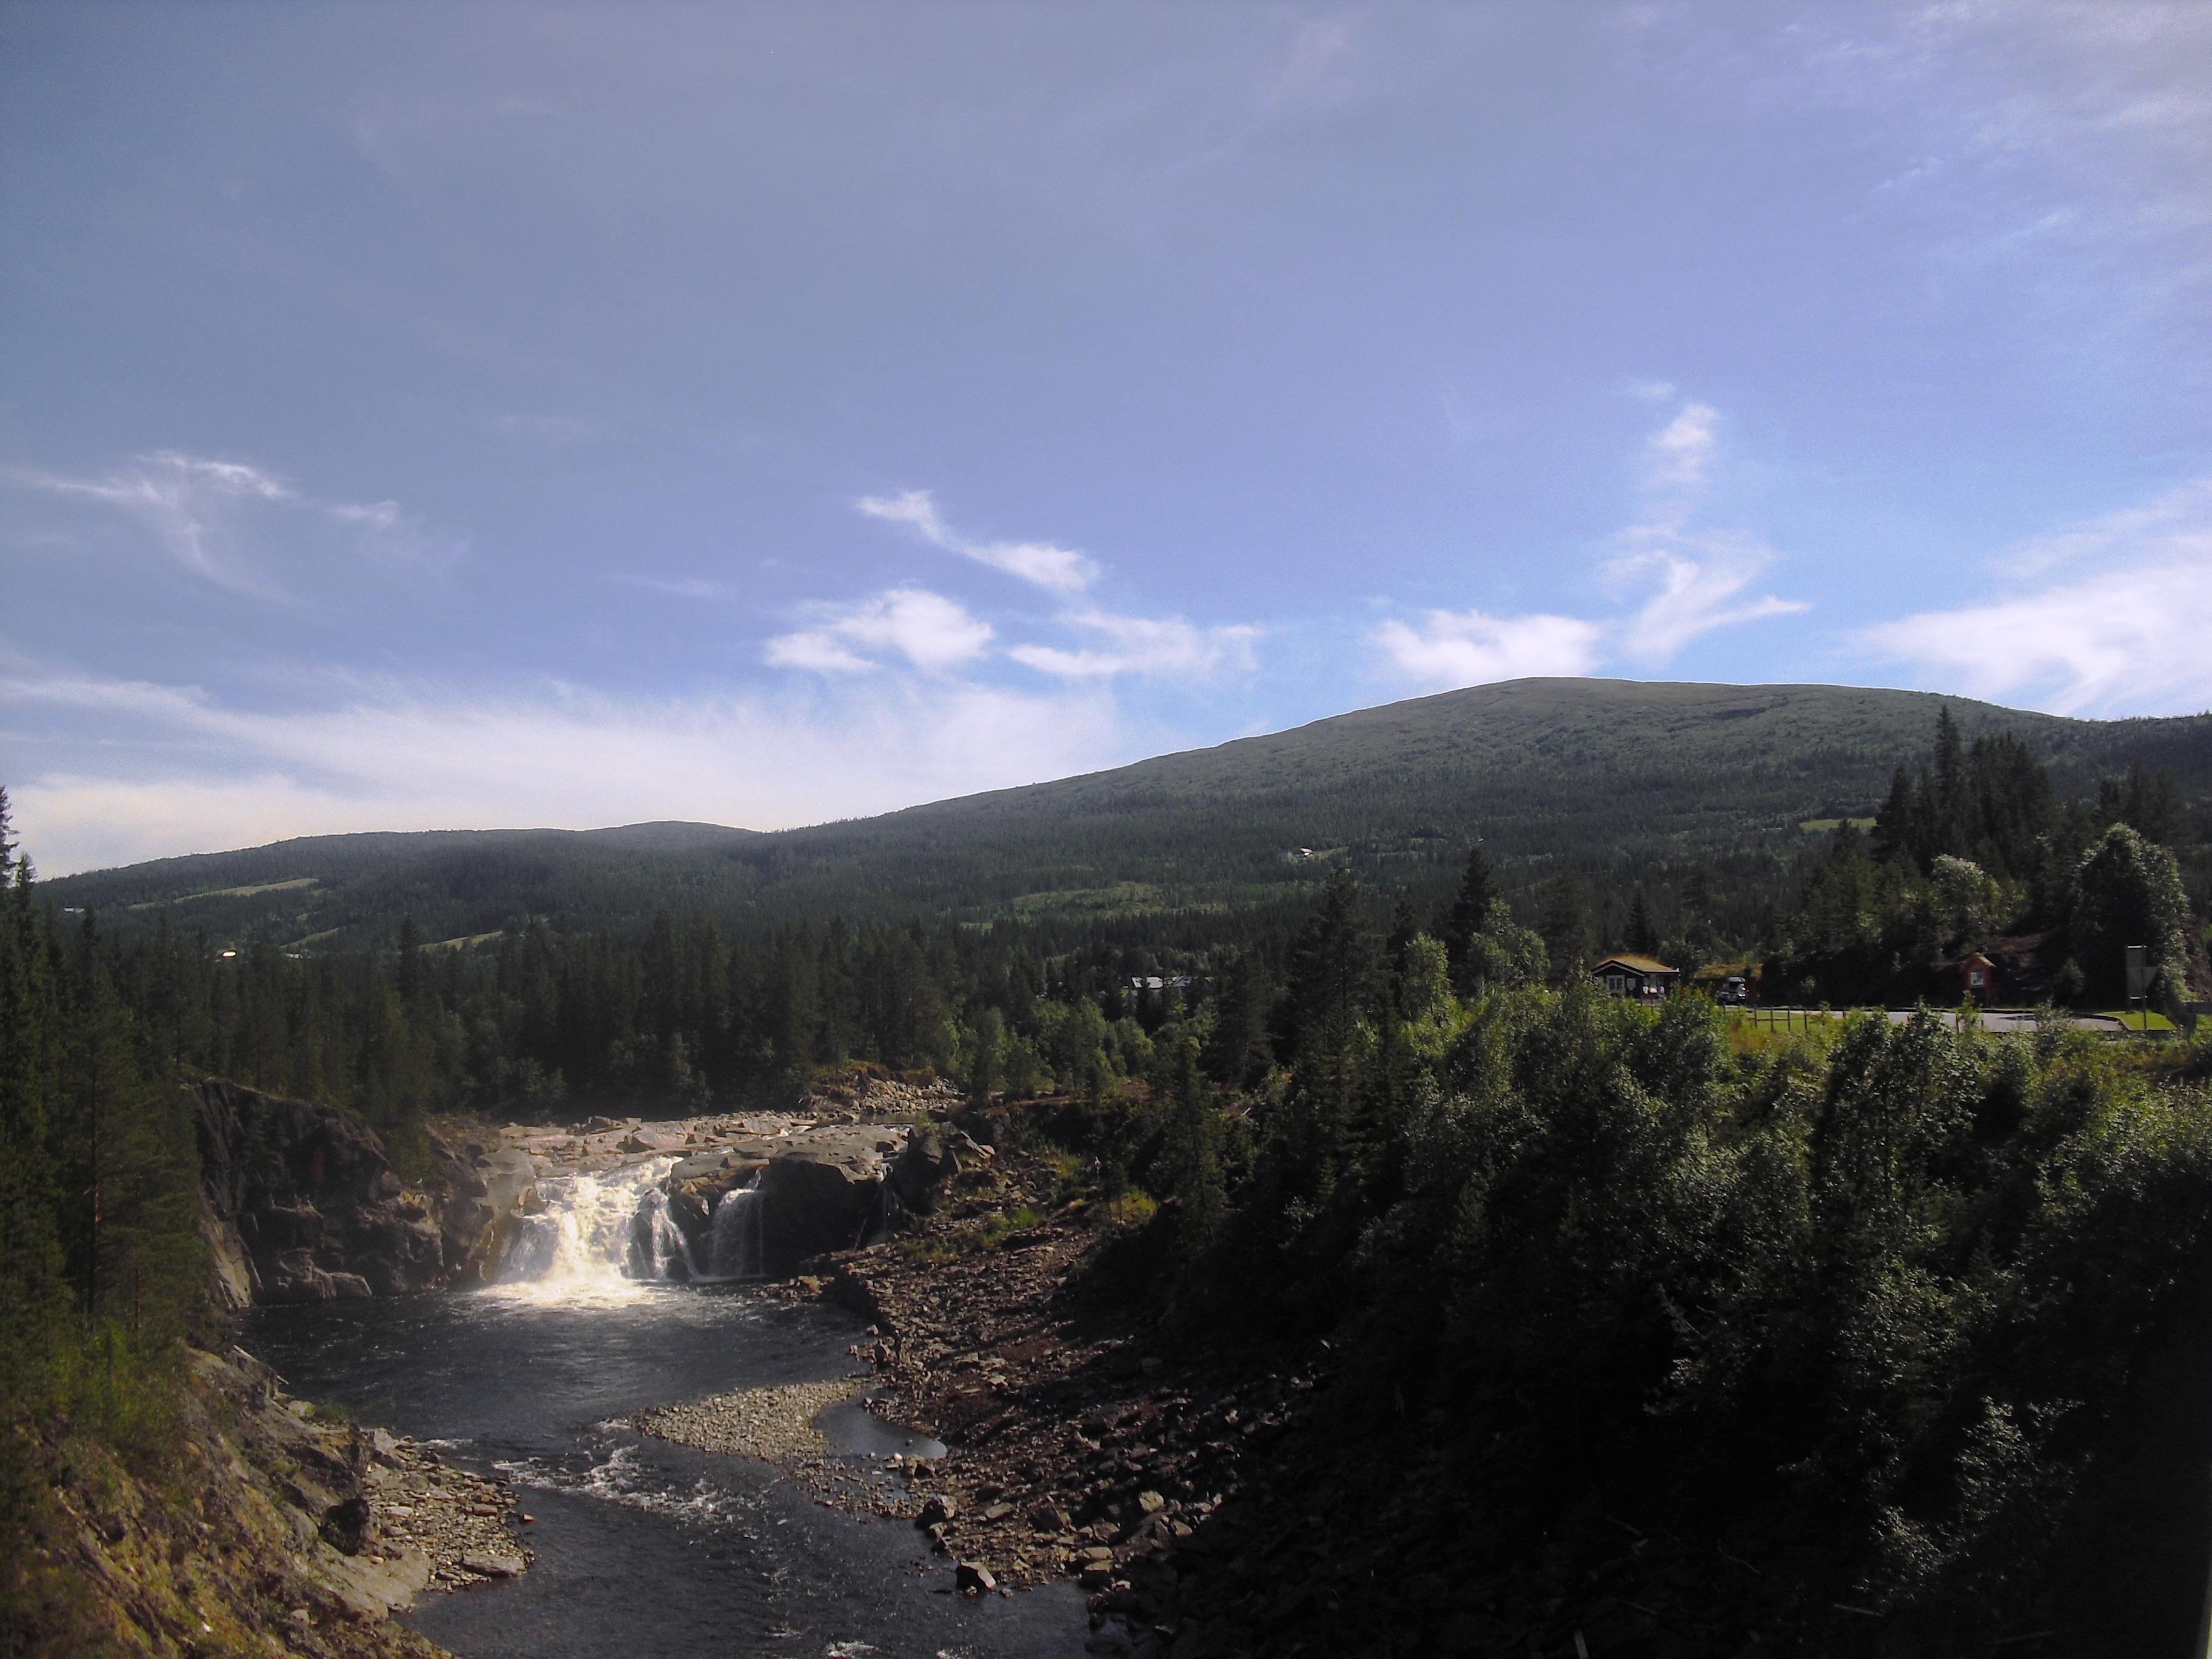 Hyttfossen i Ålen